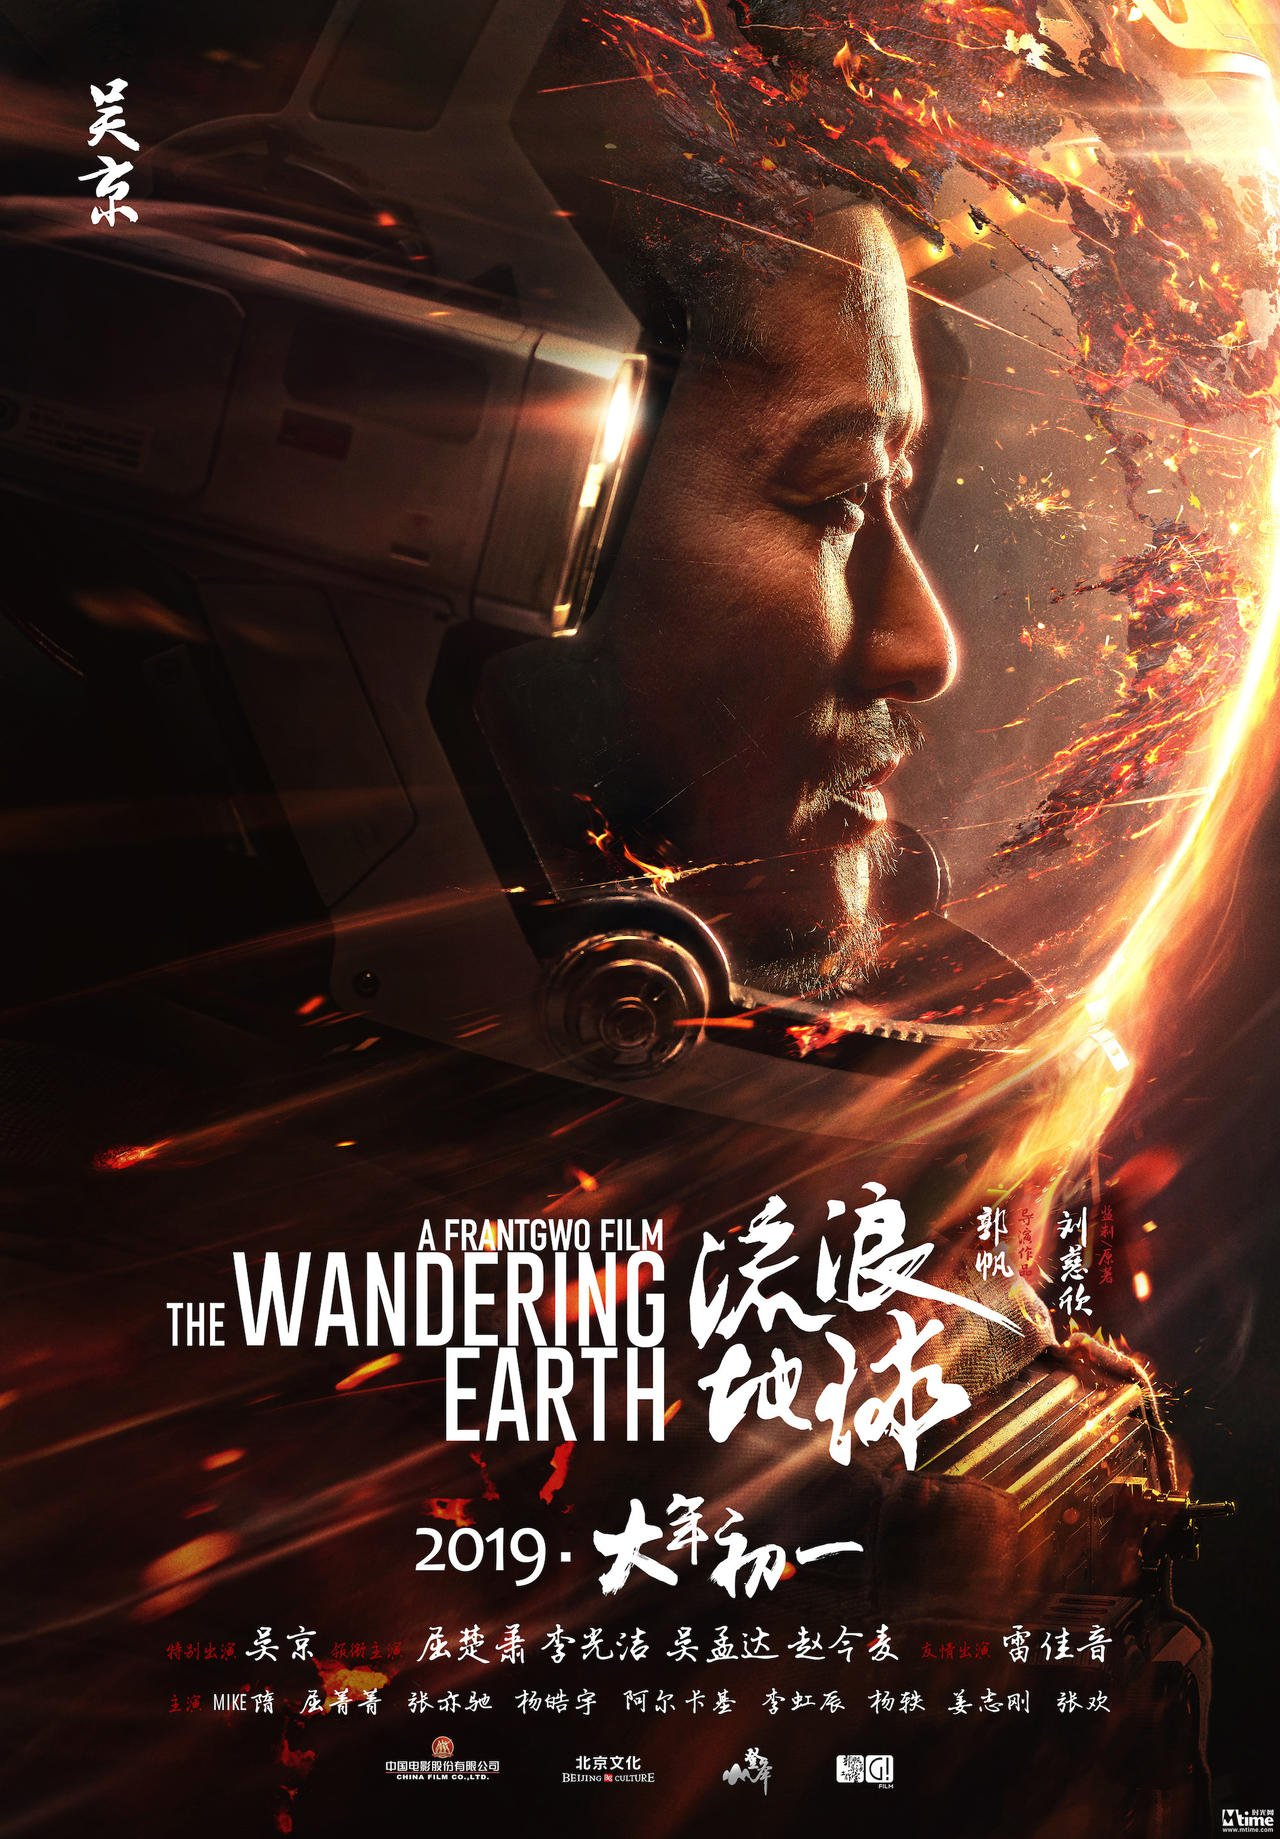 Otro póster de The Wandering Earth